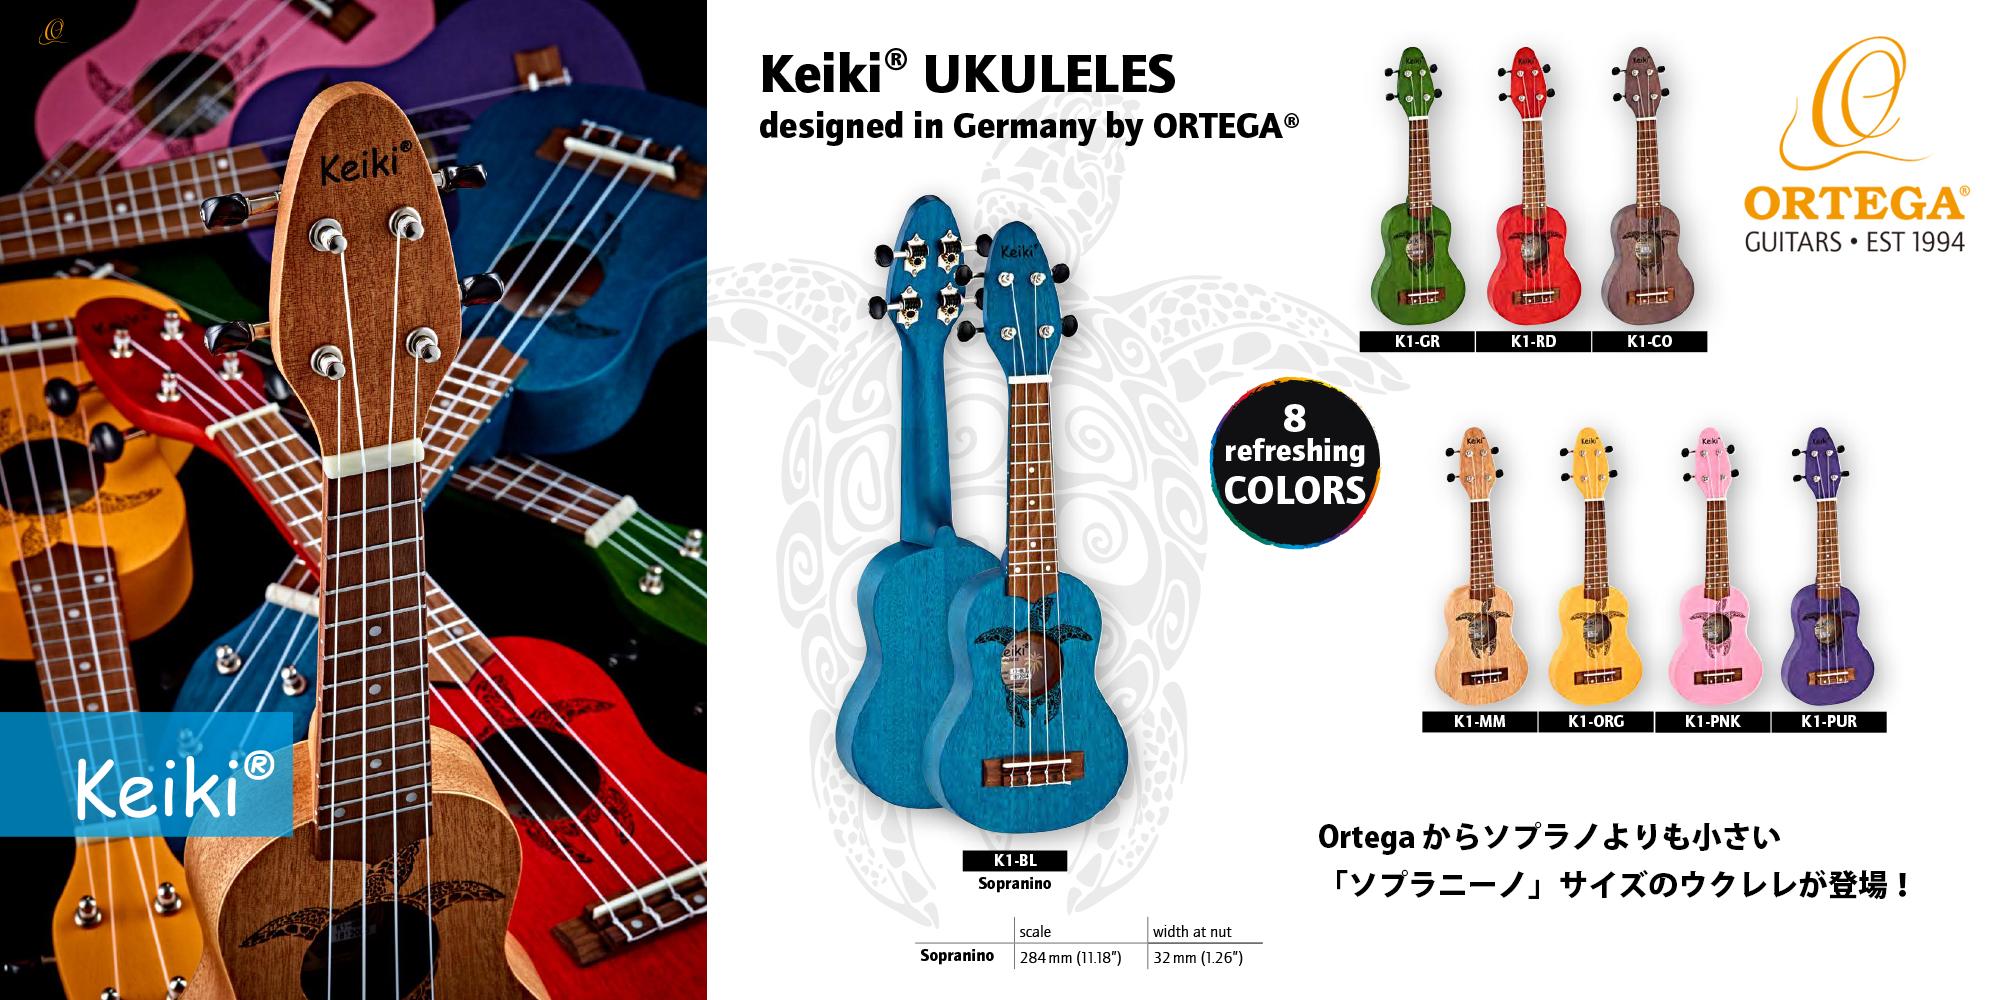 2019_Ortega_Keiki